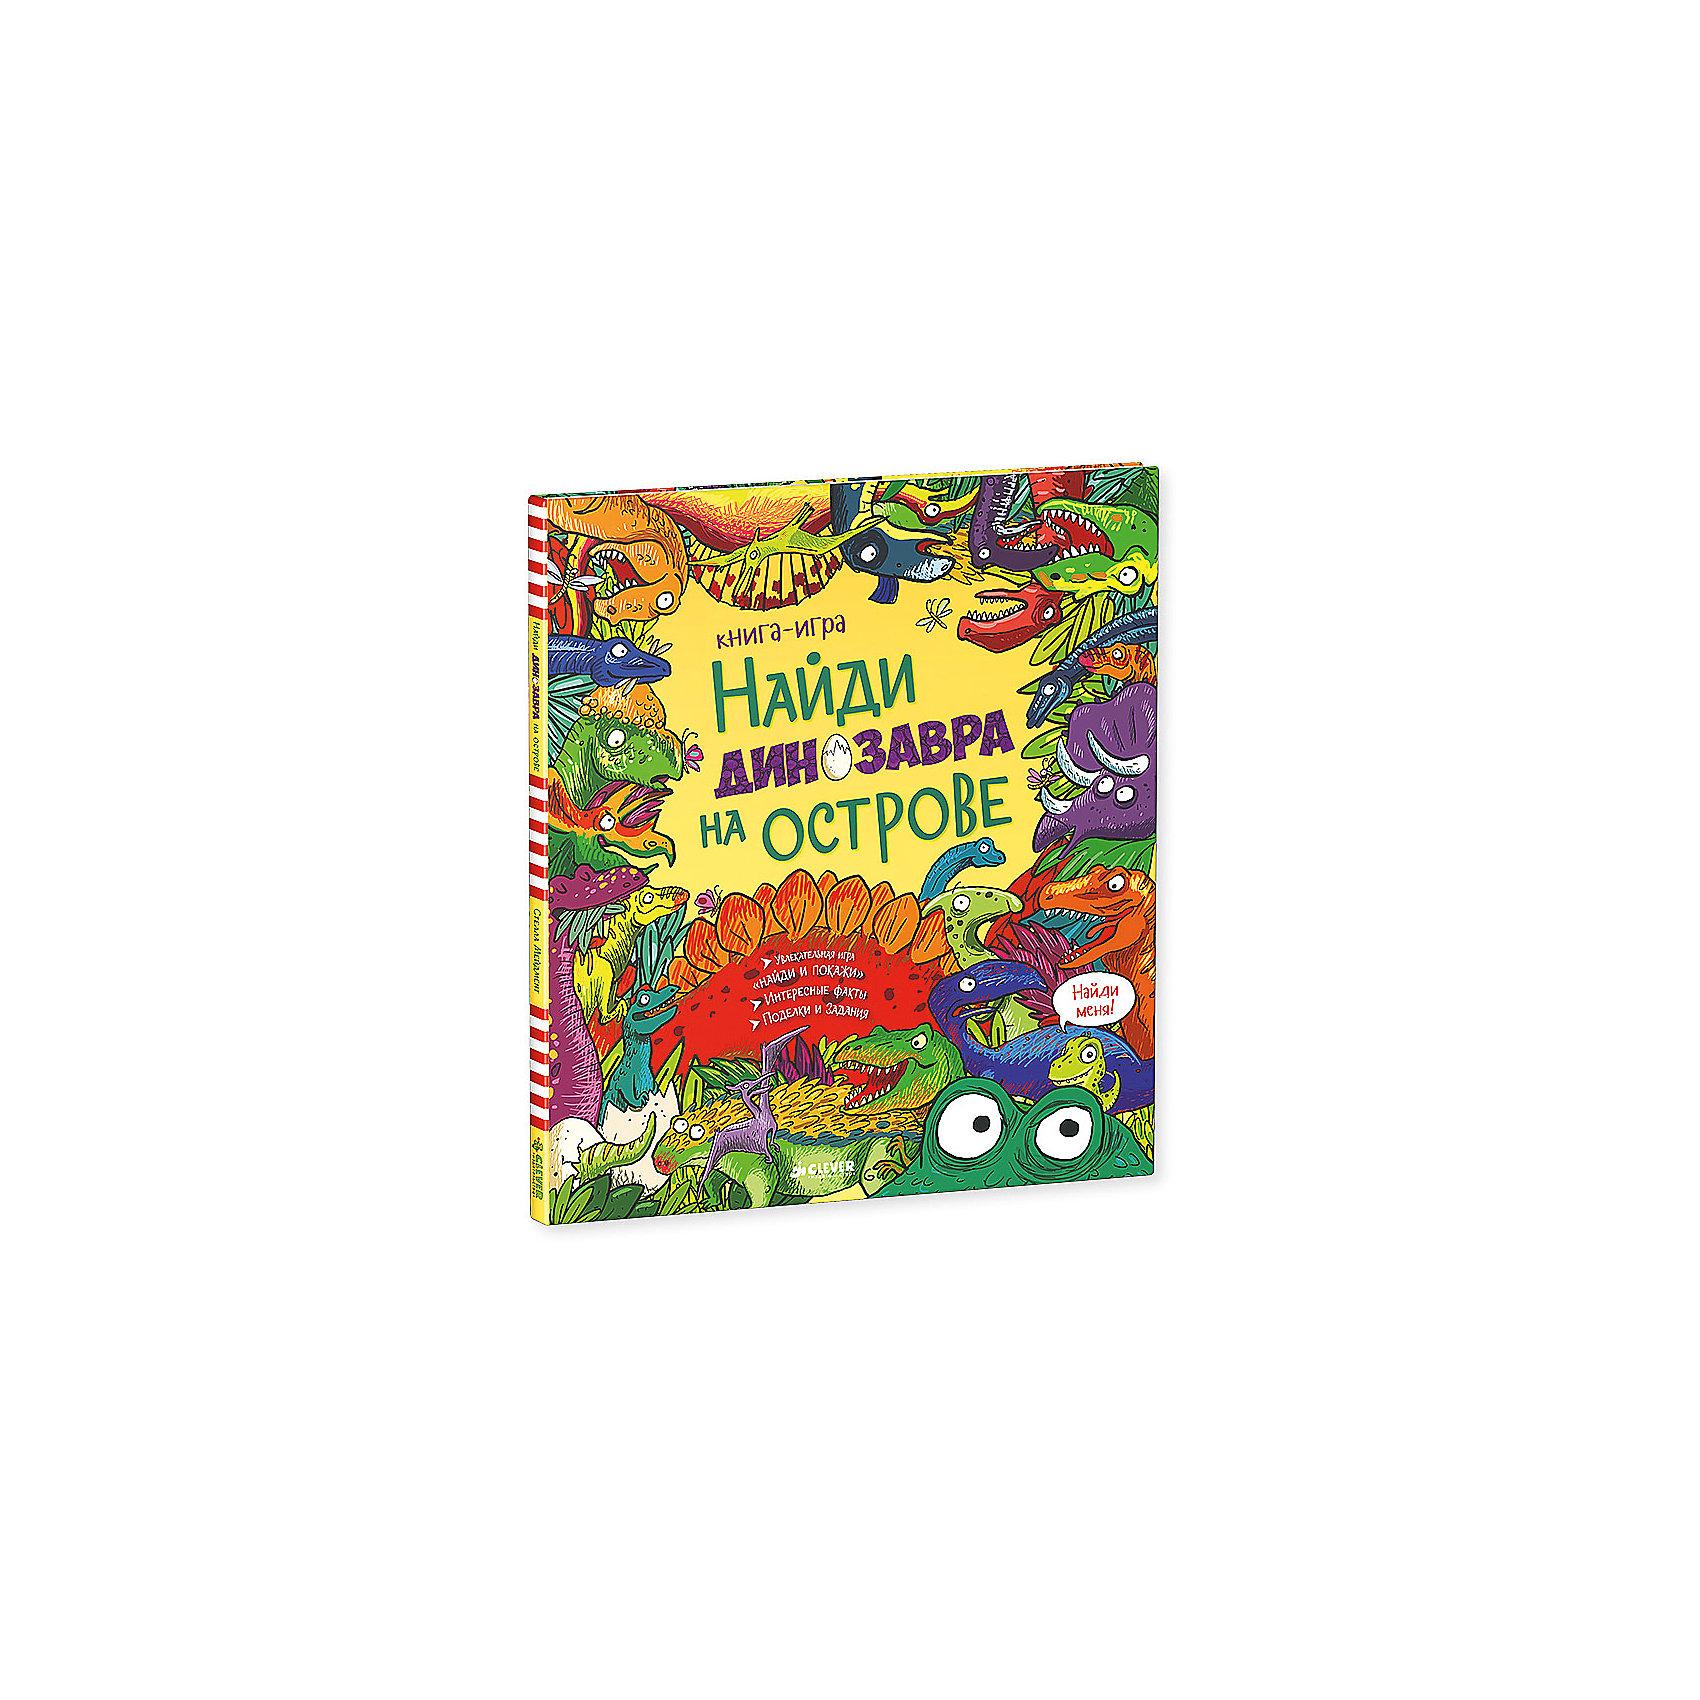 Найди динозавра на островеТесты и задания<br>Найди динозавра на острове – книга, в которой ребенка ждут яркие иллюстрации, увлекательные факты и задания, предметы для поиска.<br>Новая книжка-картинка серии «Найди и покажи» издательства Clever - «Найди динозавра на острове» станет одой из любимых книг вашего ребенком. Ведь это яркая книга с множеством картинок и занимательными заданиями и вопросами, связанными с динозаврами! На каждом развороте книги, рассказывающем о доисторических ящерах, предлагается найти 5 предметов, а один веселый персонаж - тираннозавр рекс прячется от вас на каждой странице книги! Тренируйте внимание, воображение, играйте в командные игры «Кто быстрее найдет предмет» вместе с книгой «Найди динозавра на острове», адресованной детям в возрасте от 2 до 5 лет. Книжка-картинки послужит прекрасным развивающим пособием и познакомит детей с доисторическим миром и его бесчисленными растениями и обитателями: желтым динозавром и зеленым ящером, желтой рыбкой и змеей, троодоном и дракорексом… И помните, что именно в игре дети в возрасте от 2 до 5 лет осваивают основные для этого периода навыки – внимательность, воображение и память. А яркая обложка, удобный формат и качественная полиграфия сделают эту книгу лучшим подарком для любимых непосед!<br><br>Дополнительная информация:<br><br>- Автор: Мейдмент Стелла<br>- Художник: Дрейдеми Жоэль<br>- Переводчик: Покидаева Татьяна<br>- Издательство: Клевер Медиа Групп, 2015 г.<br>- Серия: Найди и покажи<br>- Тип обложки: 7Б - твердая (плотная бумага или картон)<br>- Оформление: частичная лакировка<br>- Иллюстрации: цветные<br>- Количество страниц: 24 (мелованная)<br>- Размер: 260x236x8 мм.<br>- Вес: 322 гр.<br><br>Книгу «Найди динозавра на острове» можно купить в нашем интернет-магазине.<br><br>Ширина мм: 230<br>Глубина мм: 250<br>Высота мм: 10<br>Вес г: 300<br>Возраст от месяцев: 0<br>Возраст до месяцев: 36<br>Пол: Унисекс<br>Возраст: Детский<br>SKU: 4419602